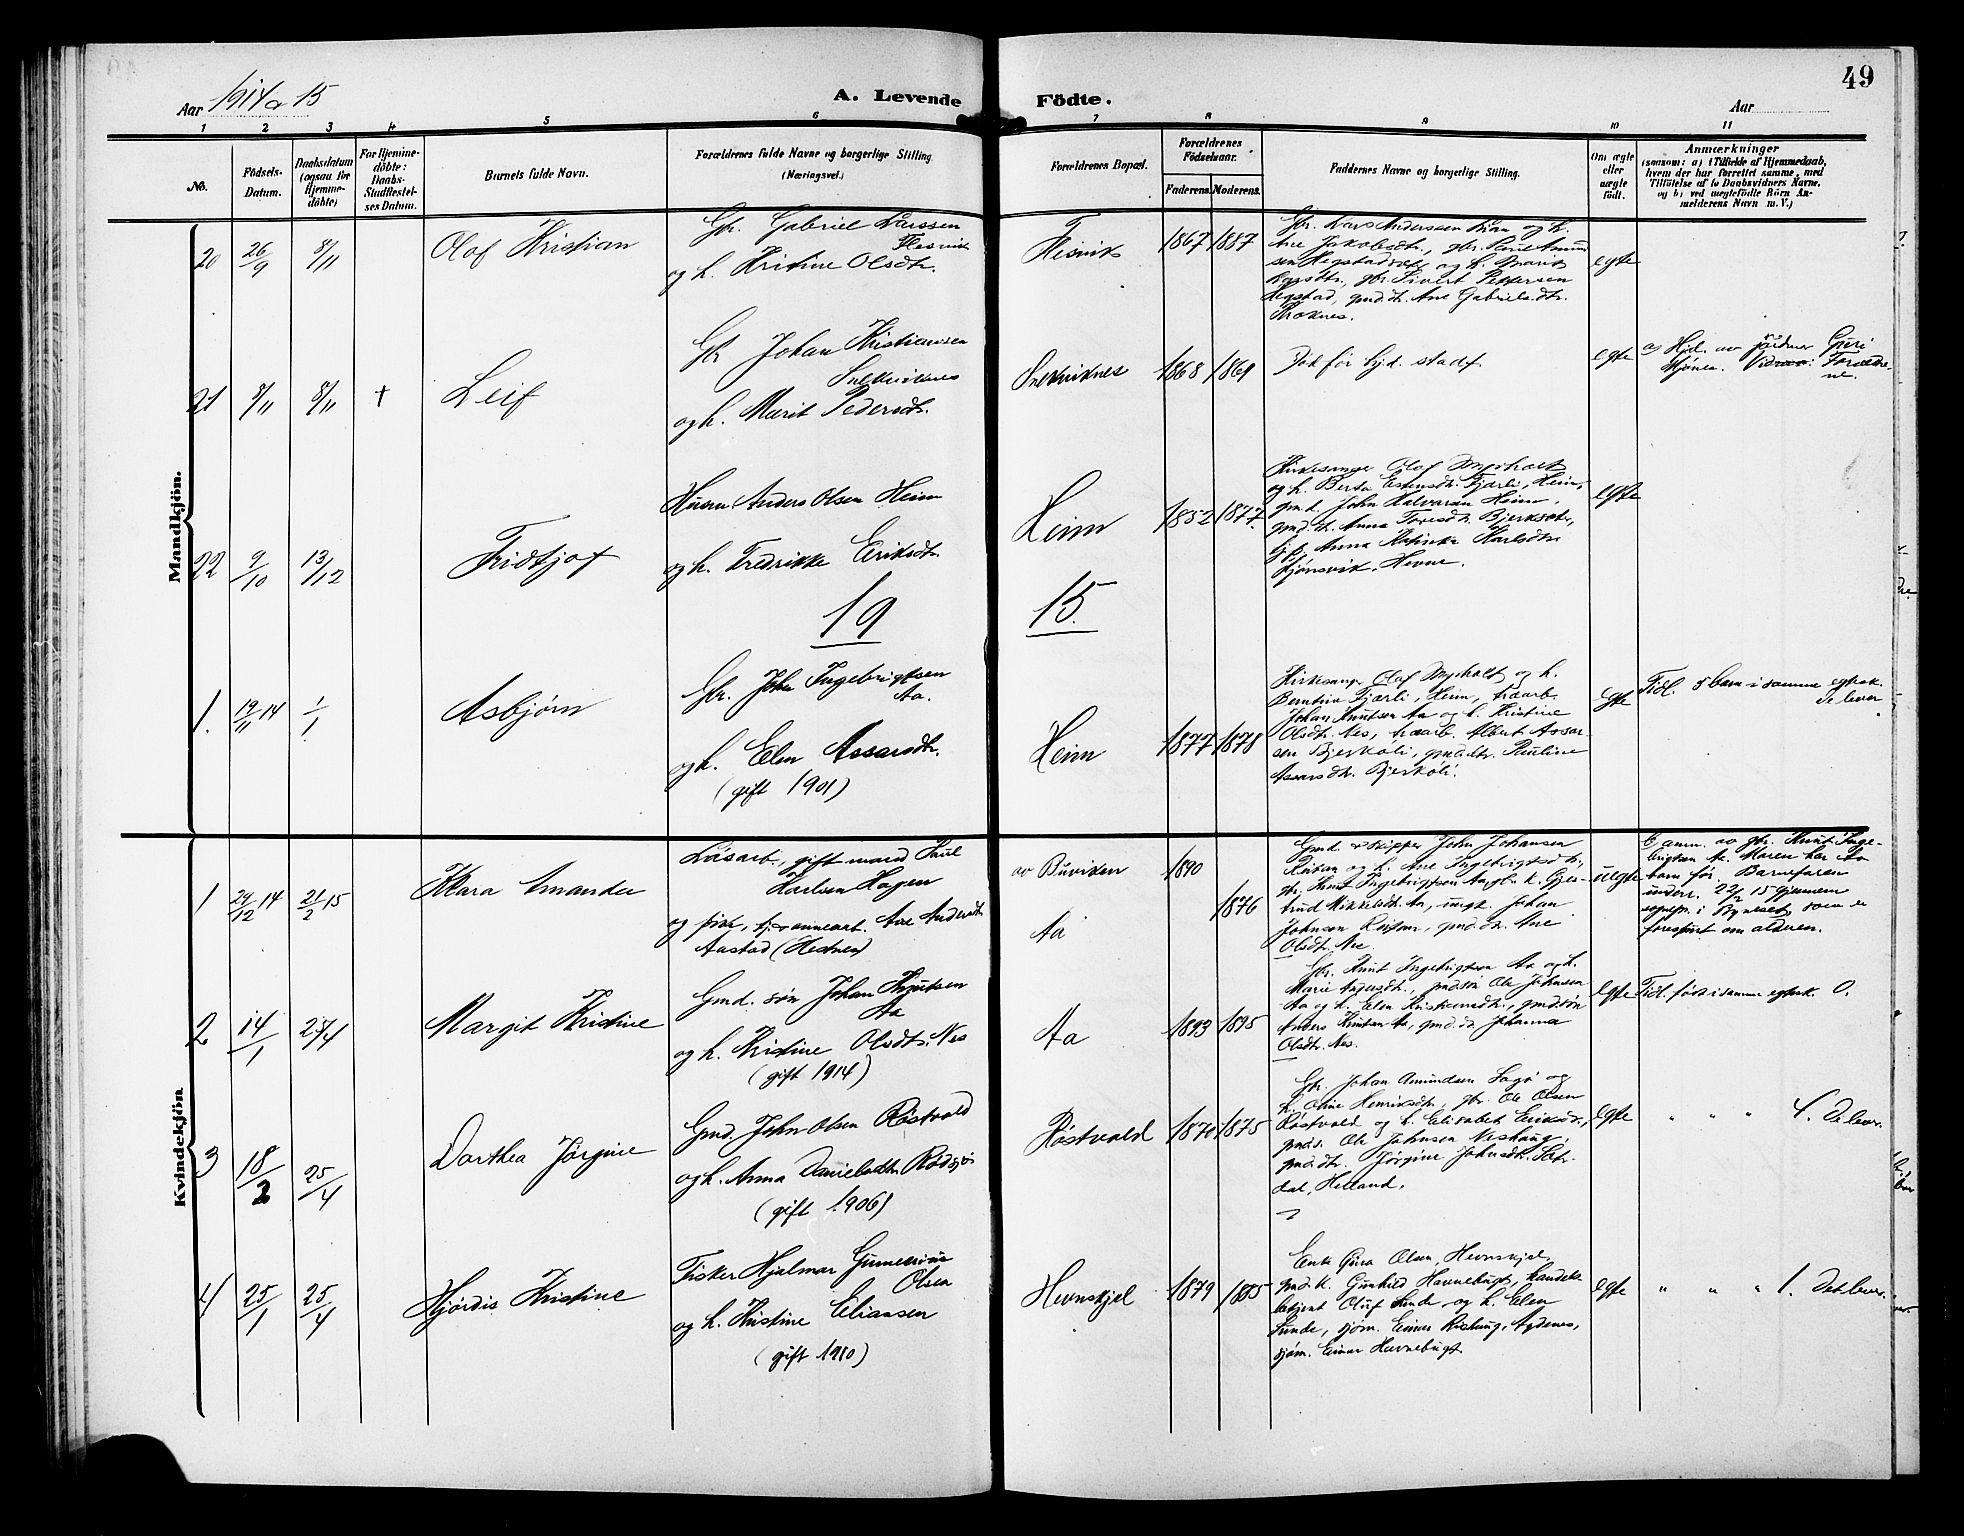 SAT, Ministerialprotokoller, klokkerbøker og fødselsregistre - Sør-Trøndelag, 633/L0520: Klokkerbok nr. 633C02, 1906-1921, s. 49